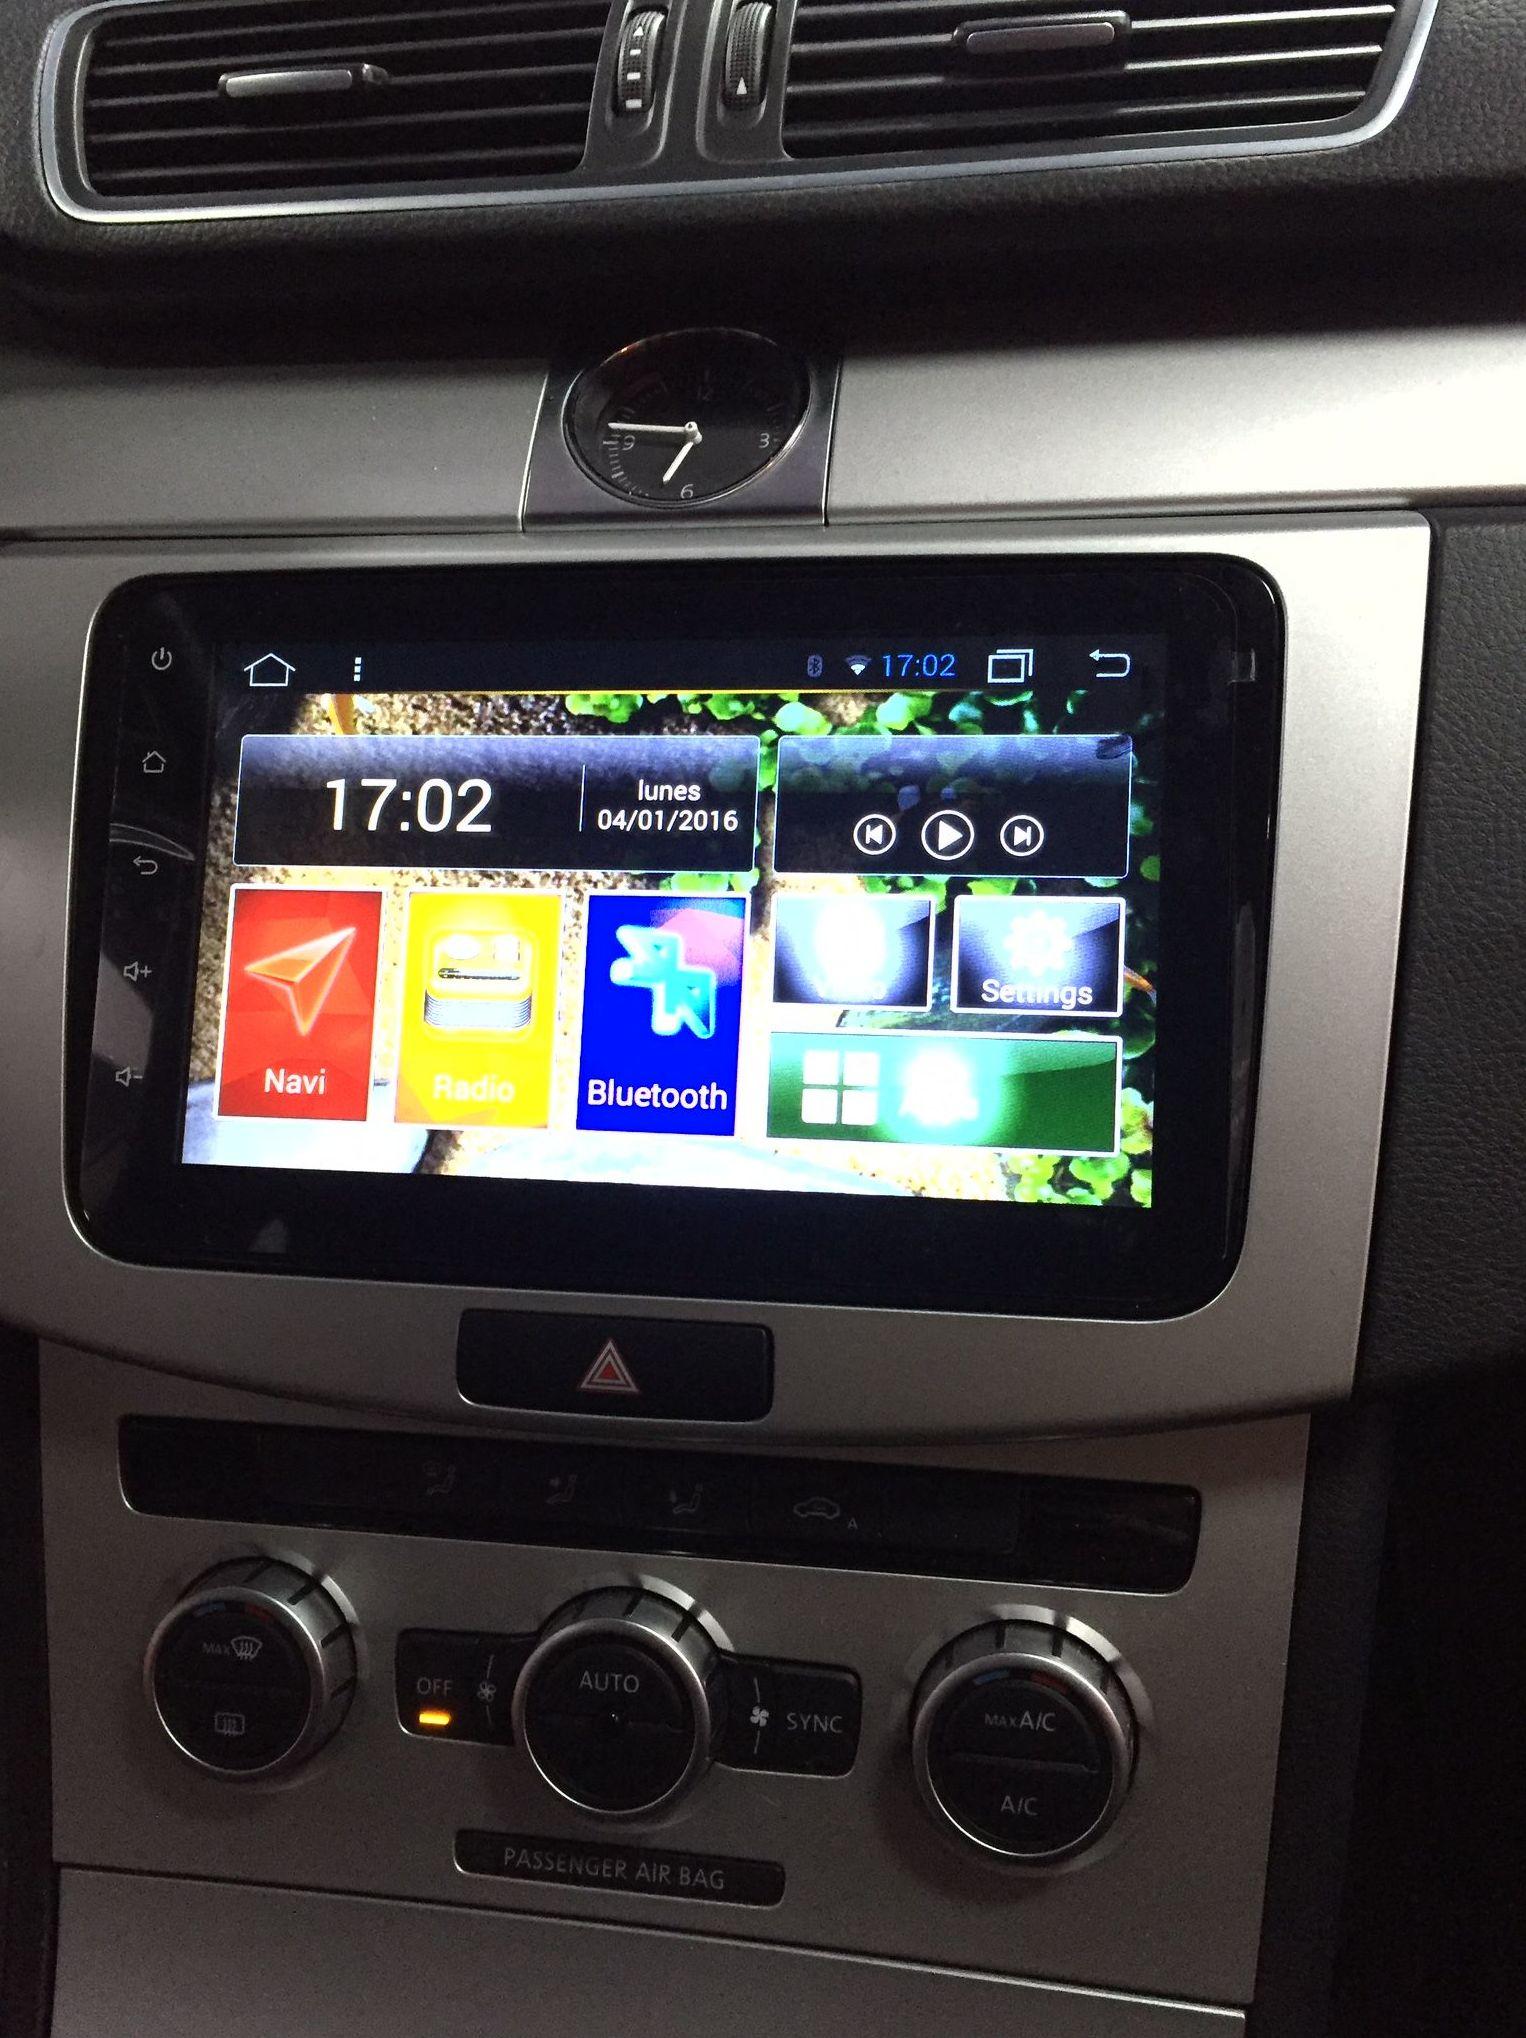 Foto 23 de Auto-radios en Ferrol | Radiocar Ferrol, S.L.